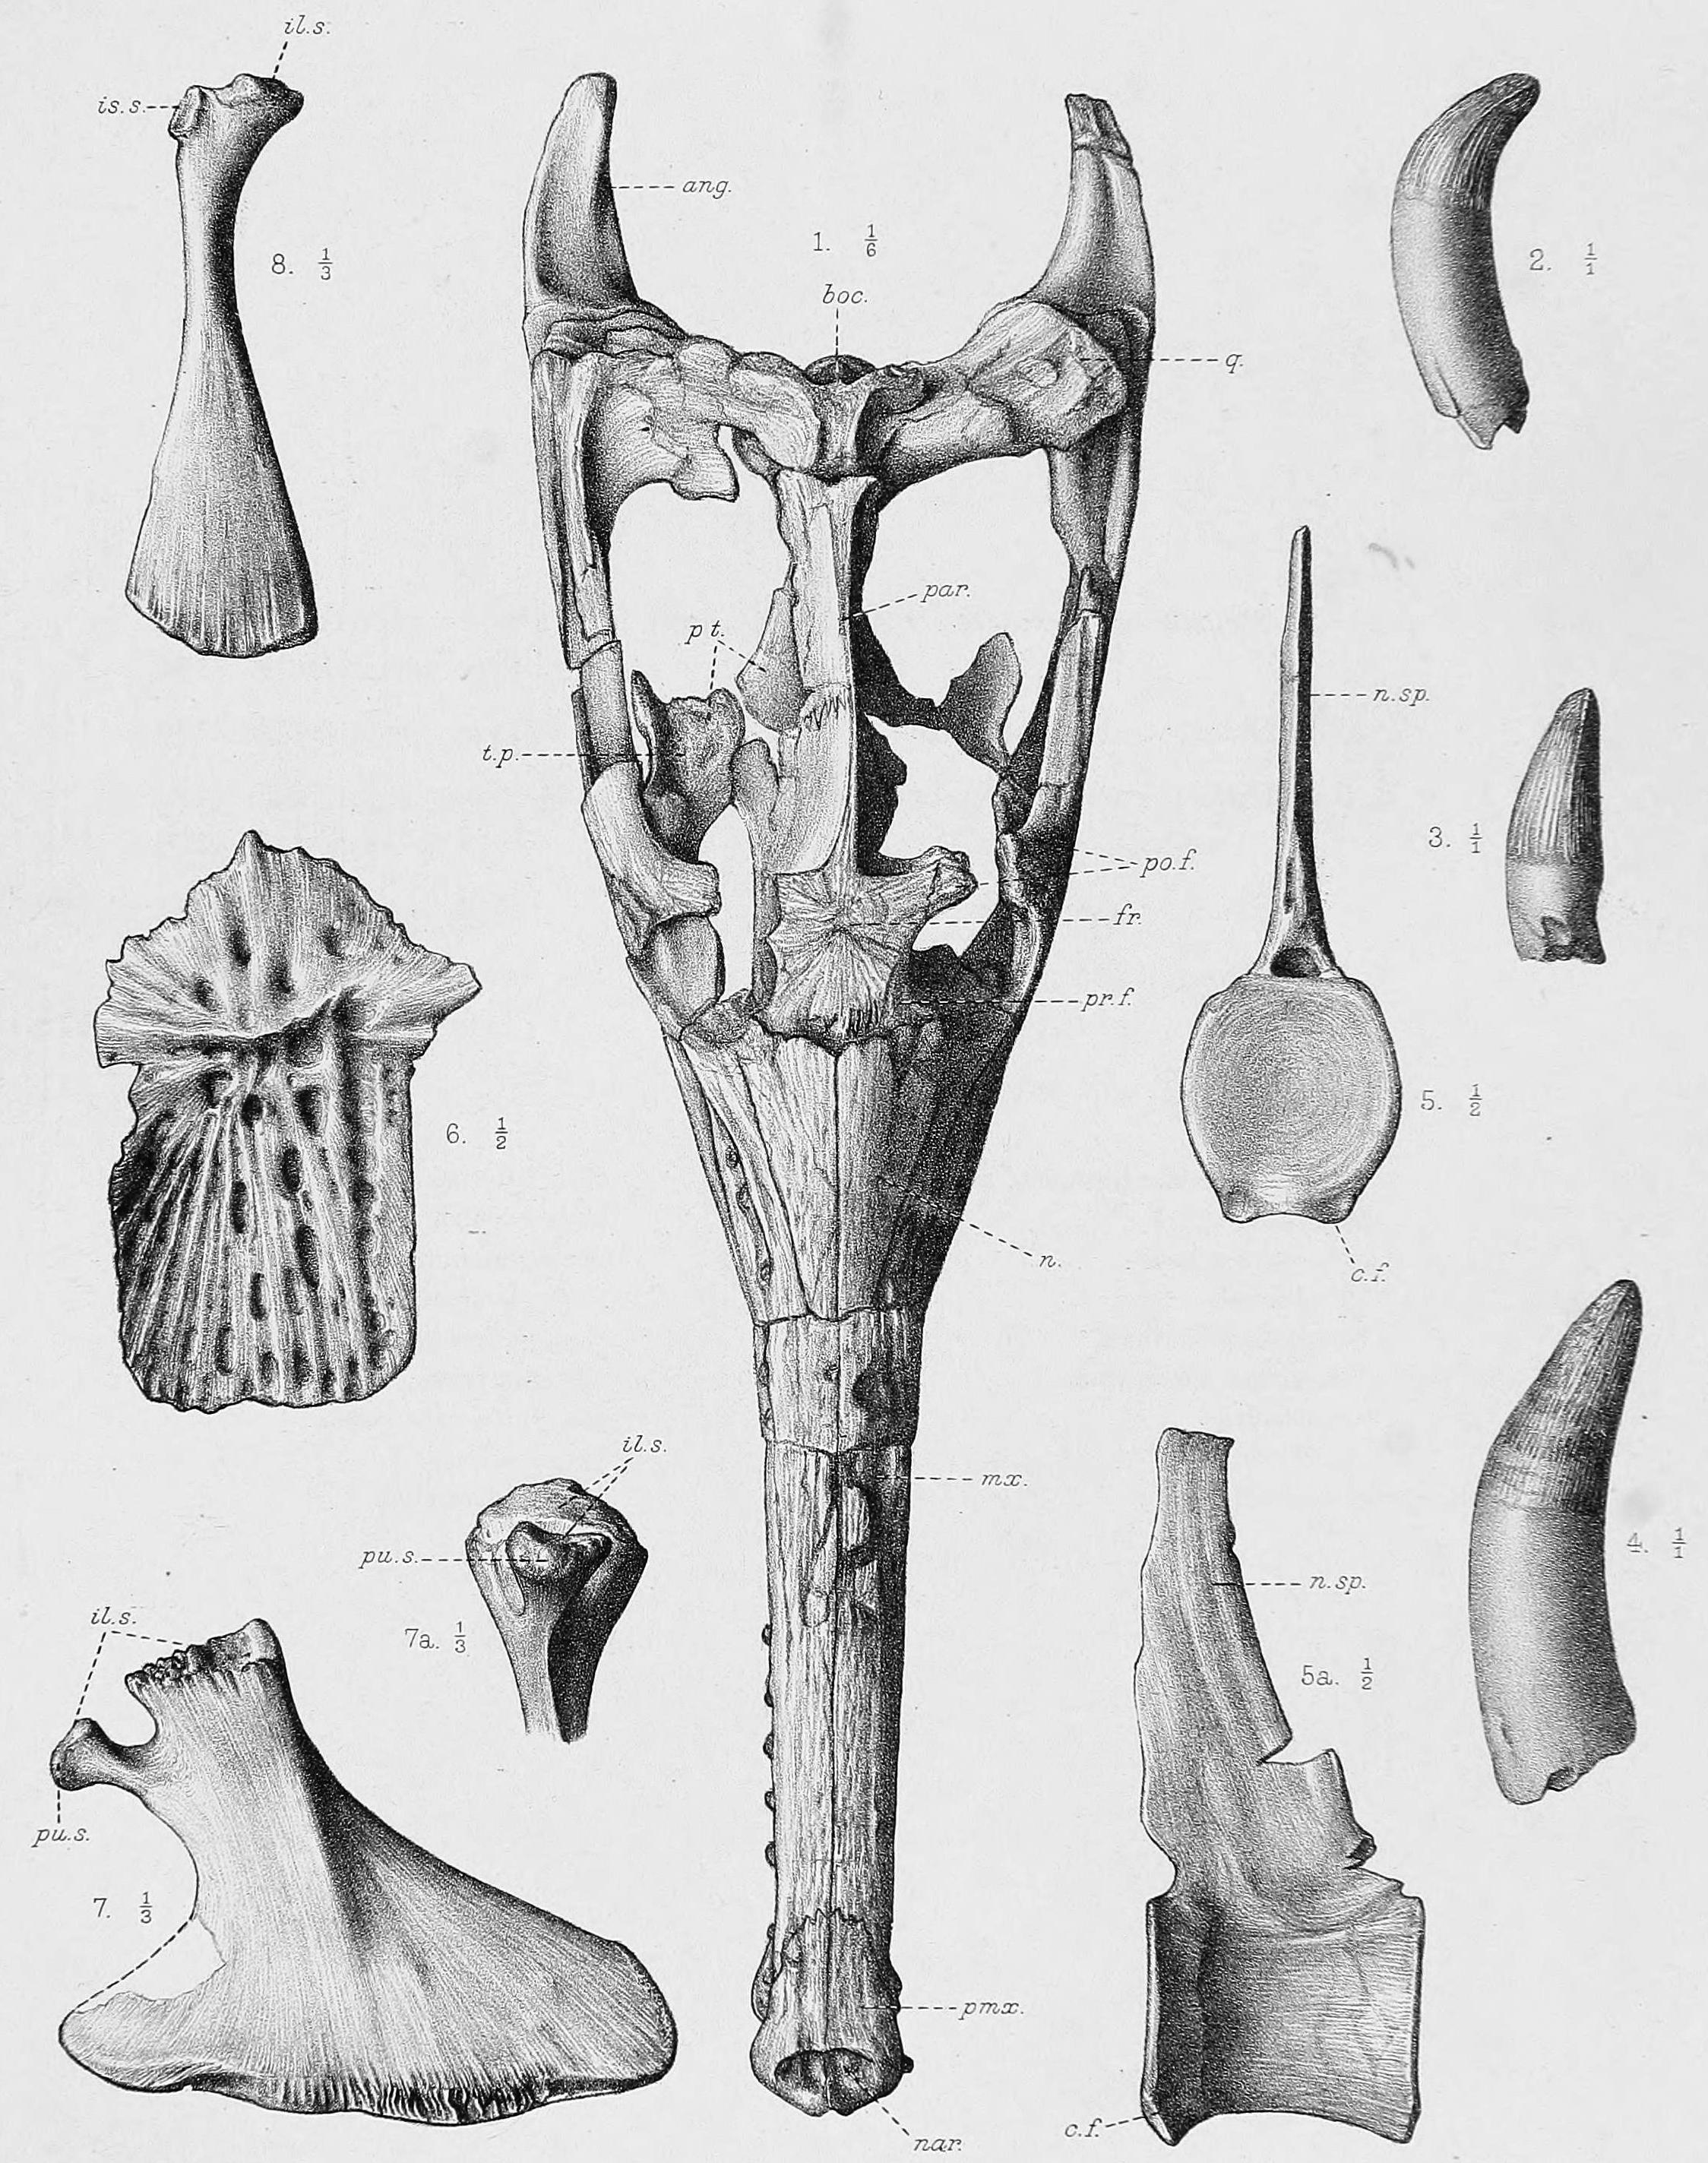 British Museum Natural History Library Catalogue